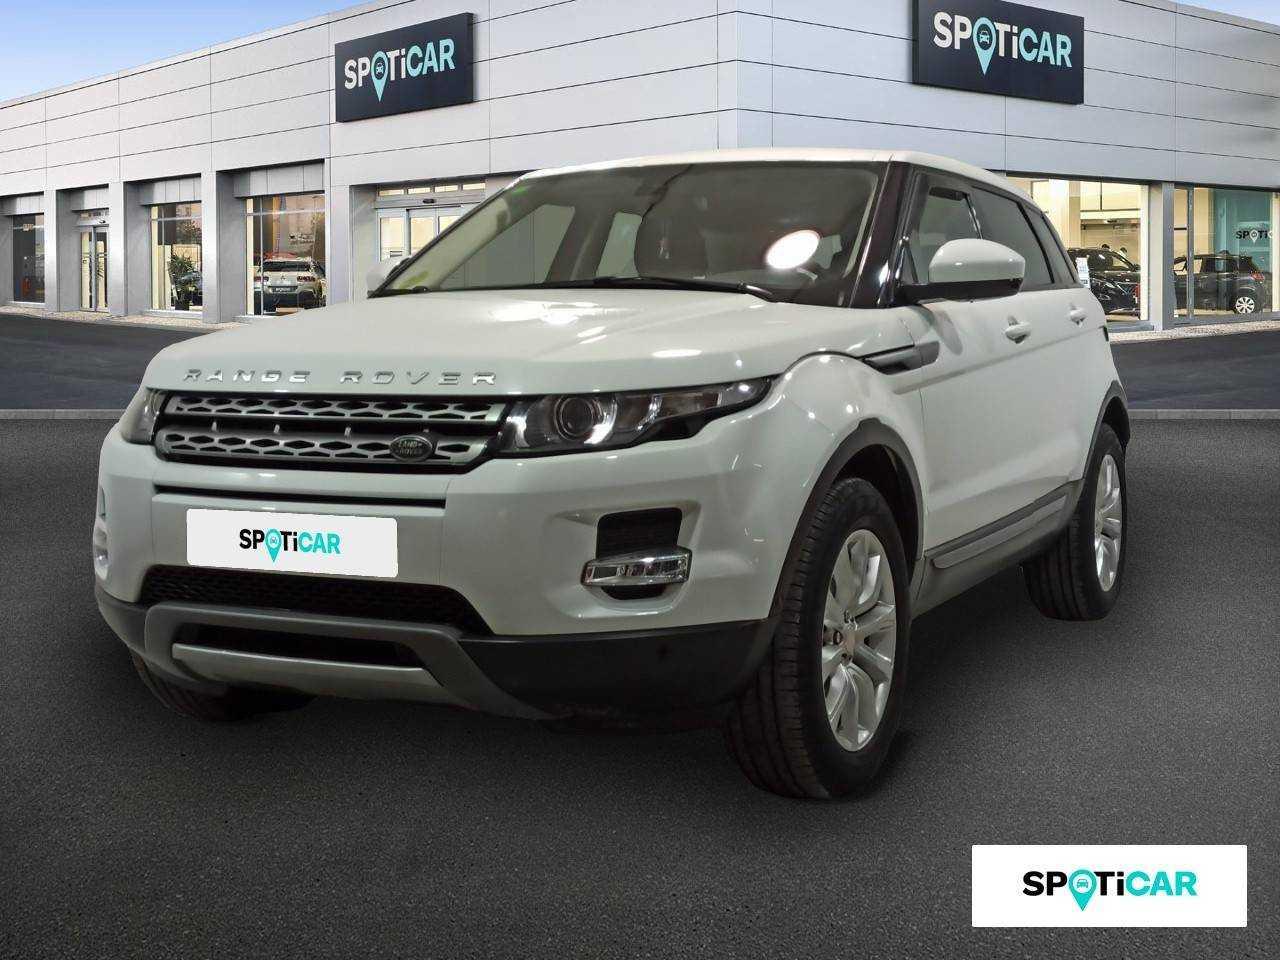 Land Rover Range Rover Evoque ocasión segunda mano 2014 Diésel por 20.990€ en Barcelona